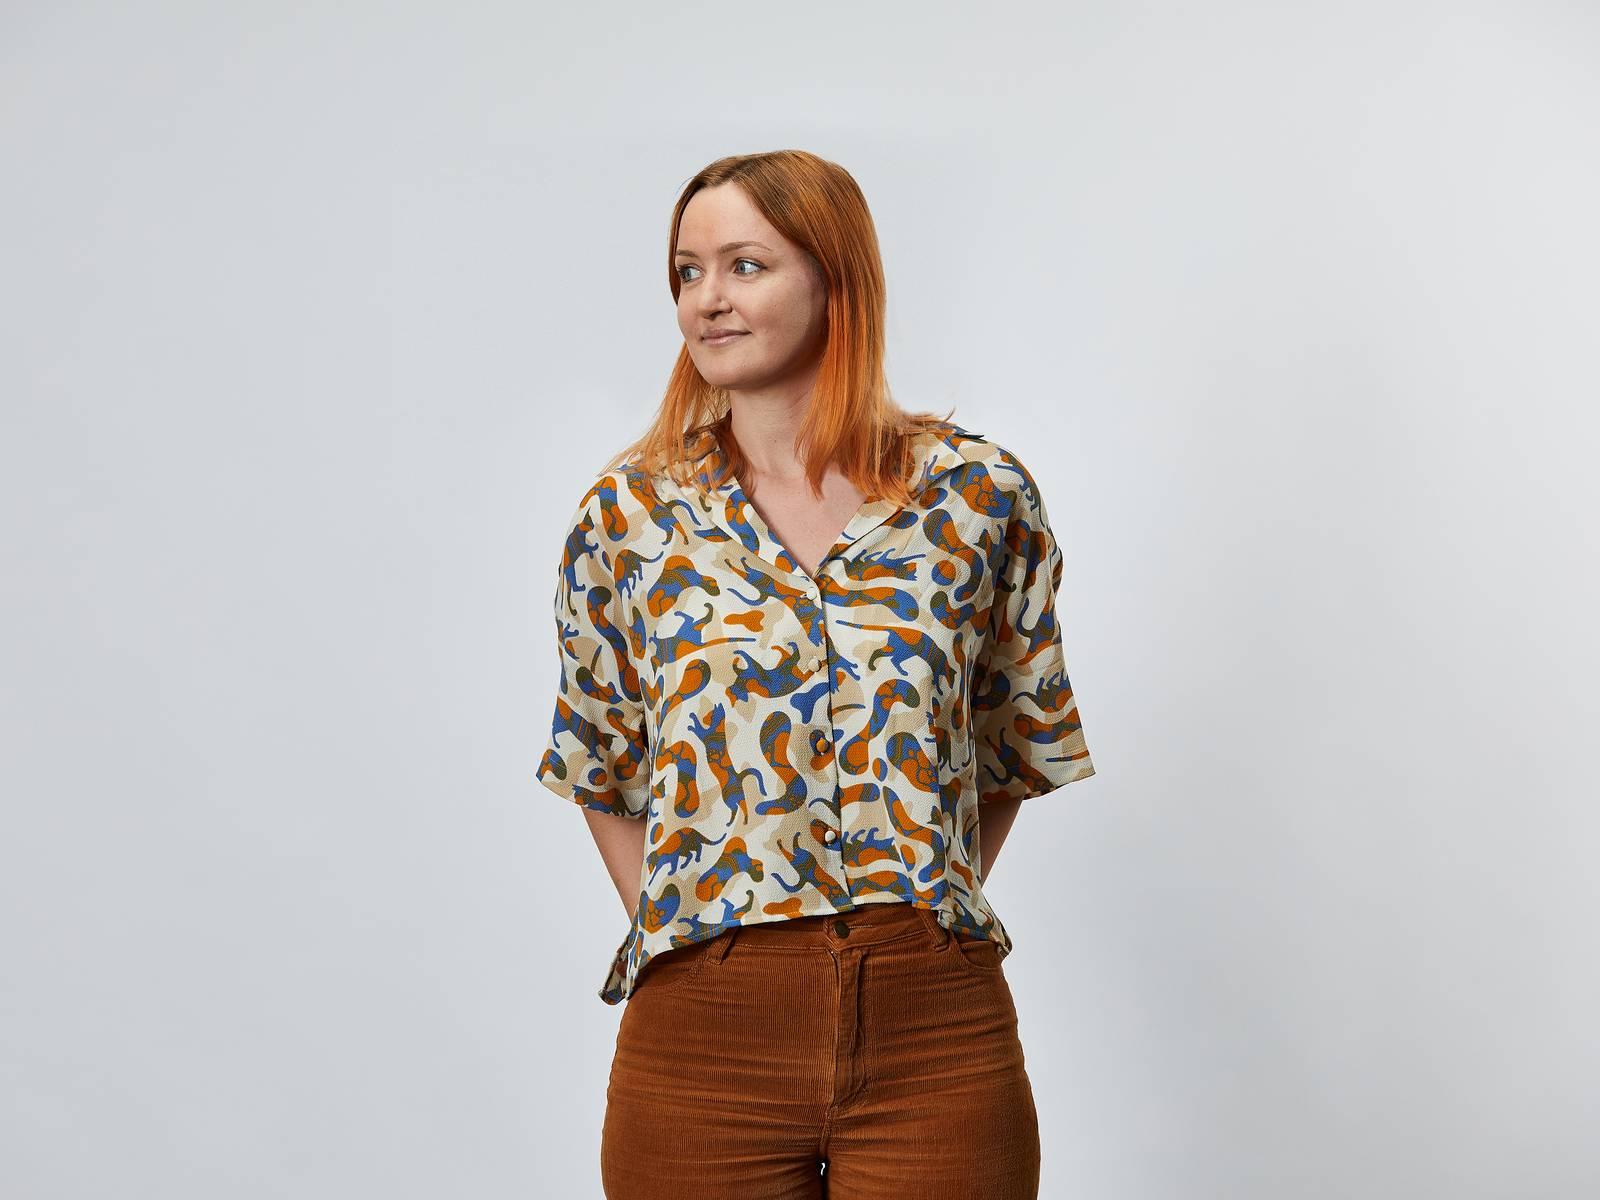 A profile image of Ella Price